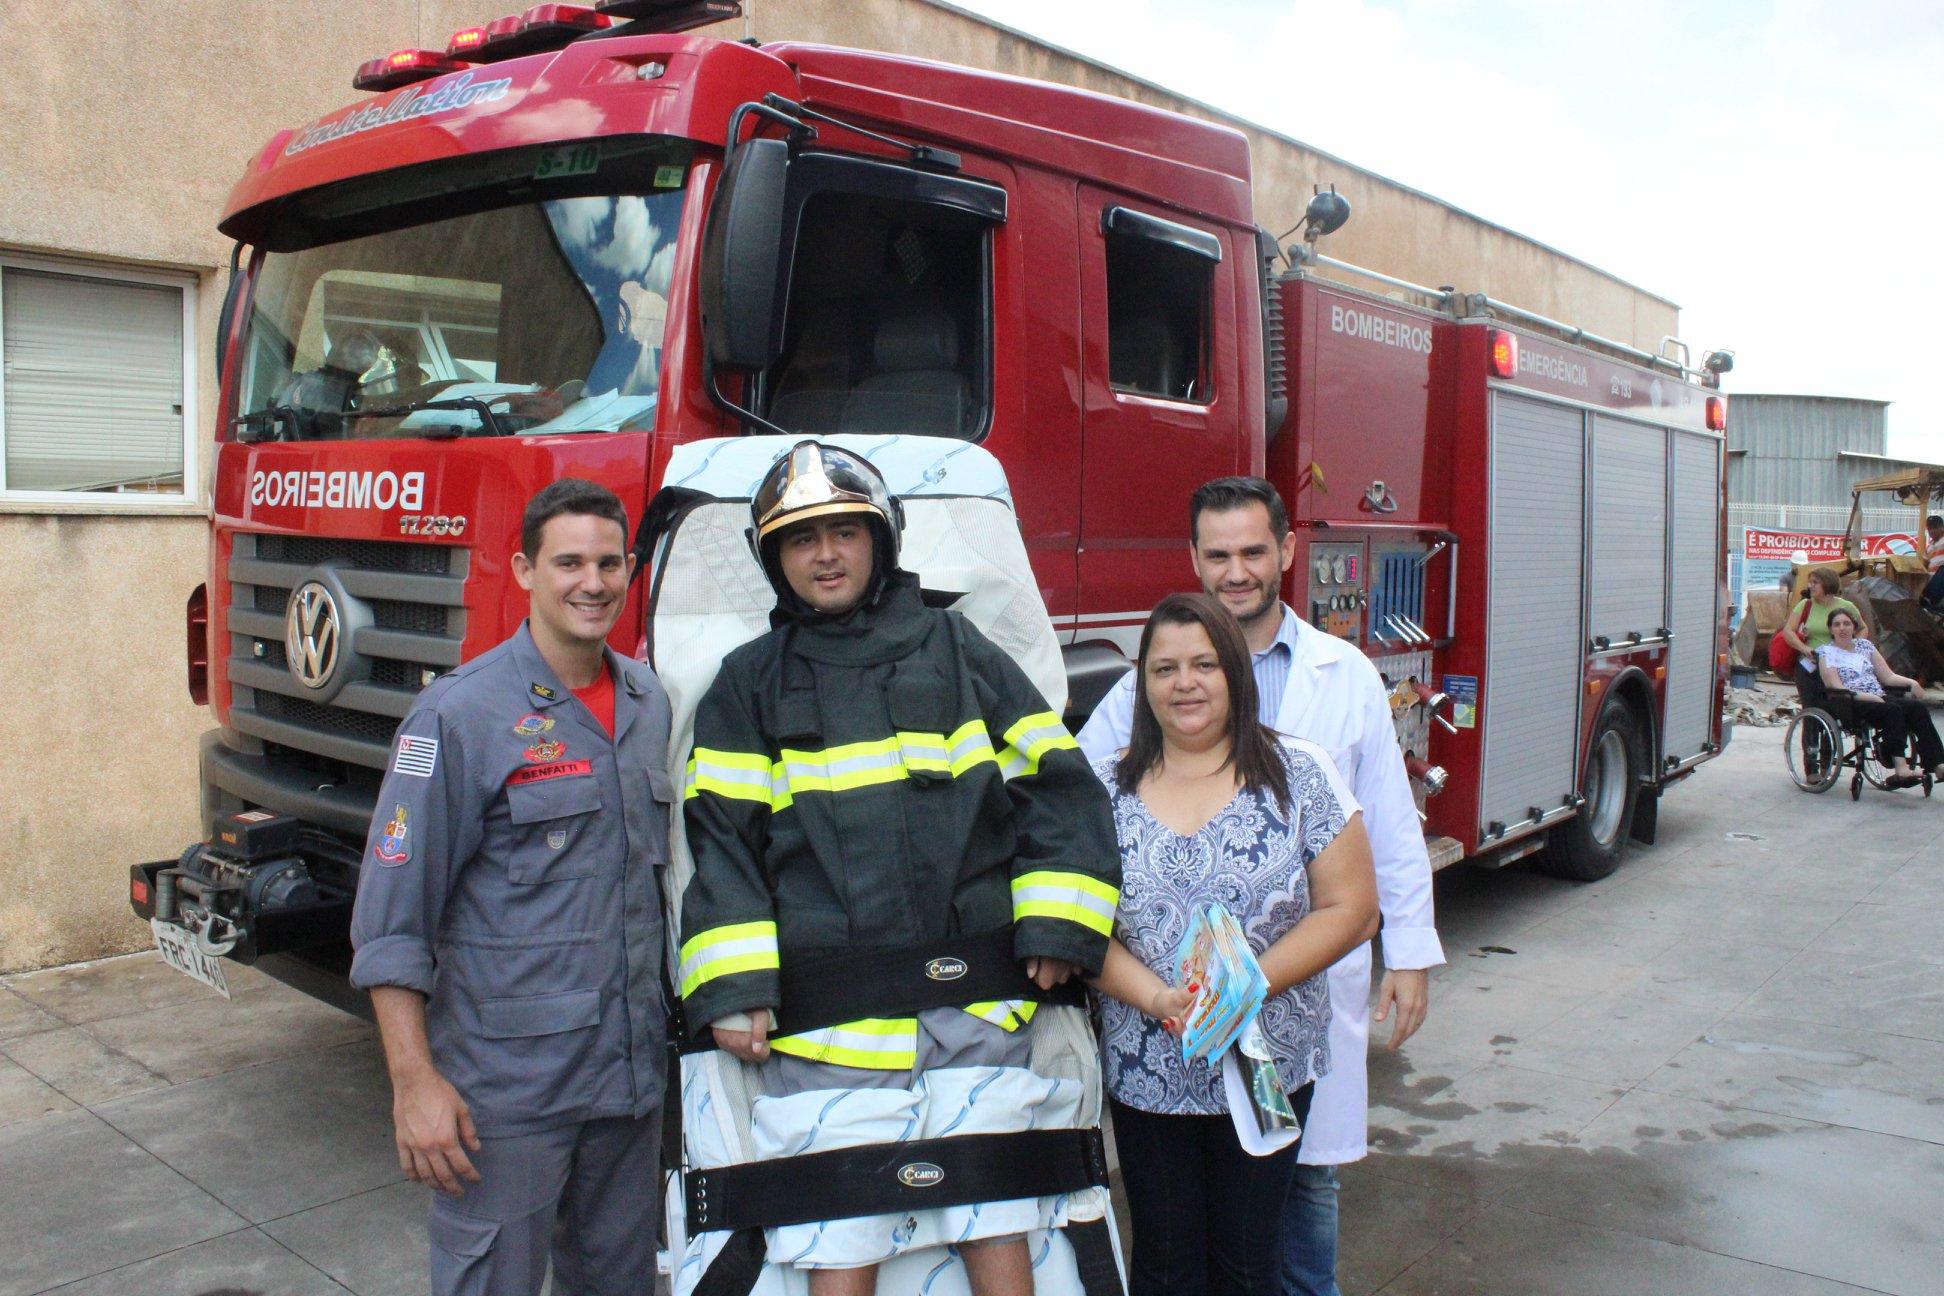 Jovem com tetraparesia que sonha em ser bombeiro tem sonho realizado graças à equipe médica 5